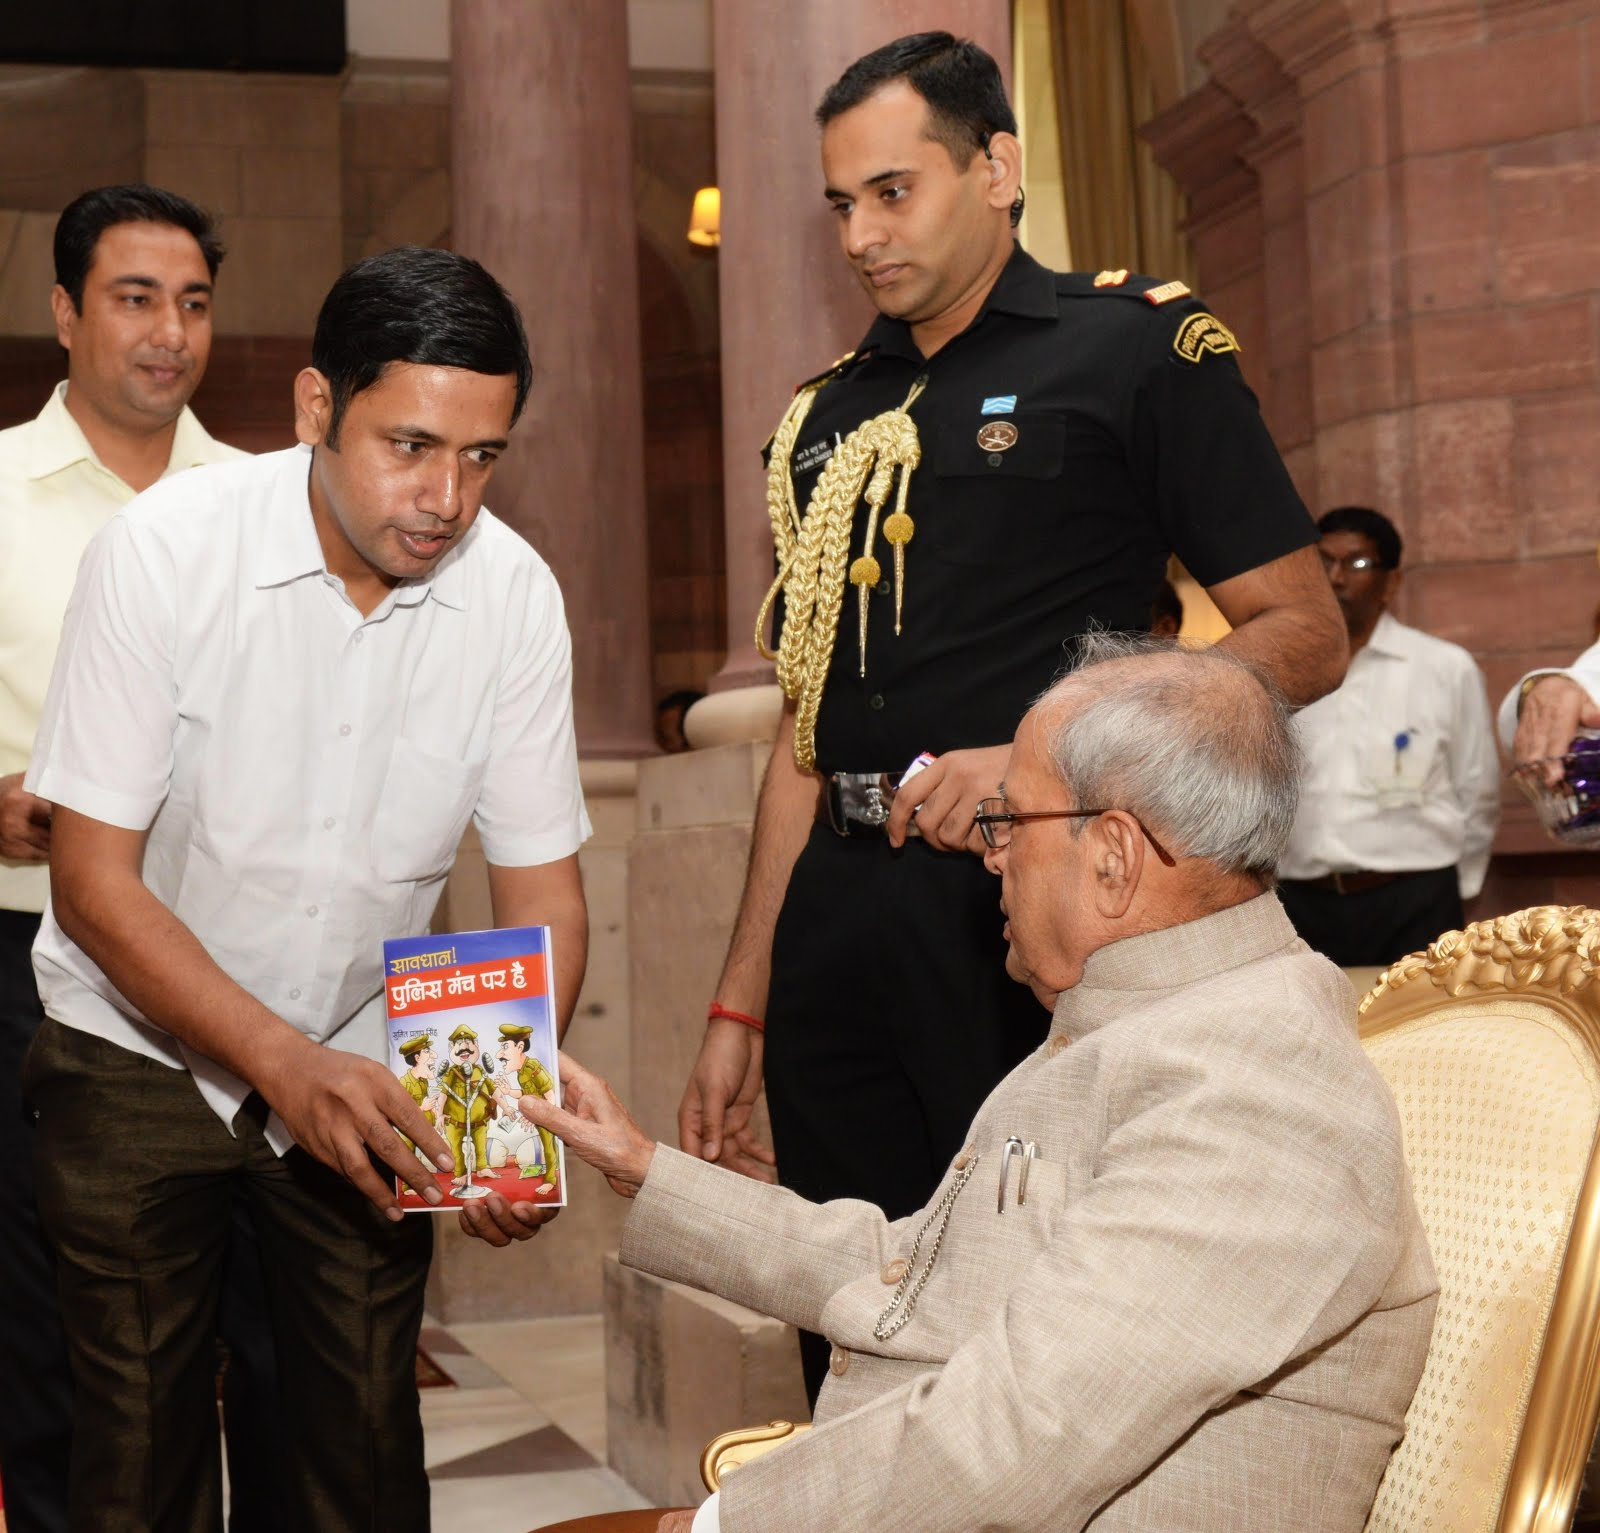 भारत के पूर्व राष्ट्रपति श्री प्रणब कुमार मुखर्जी जी को अपनी चौथी पुस्तक भेंट करते हुए